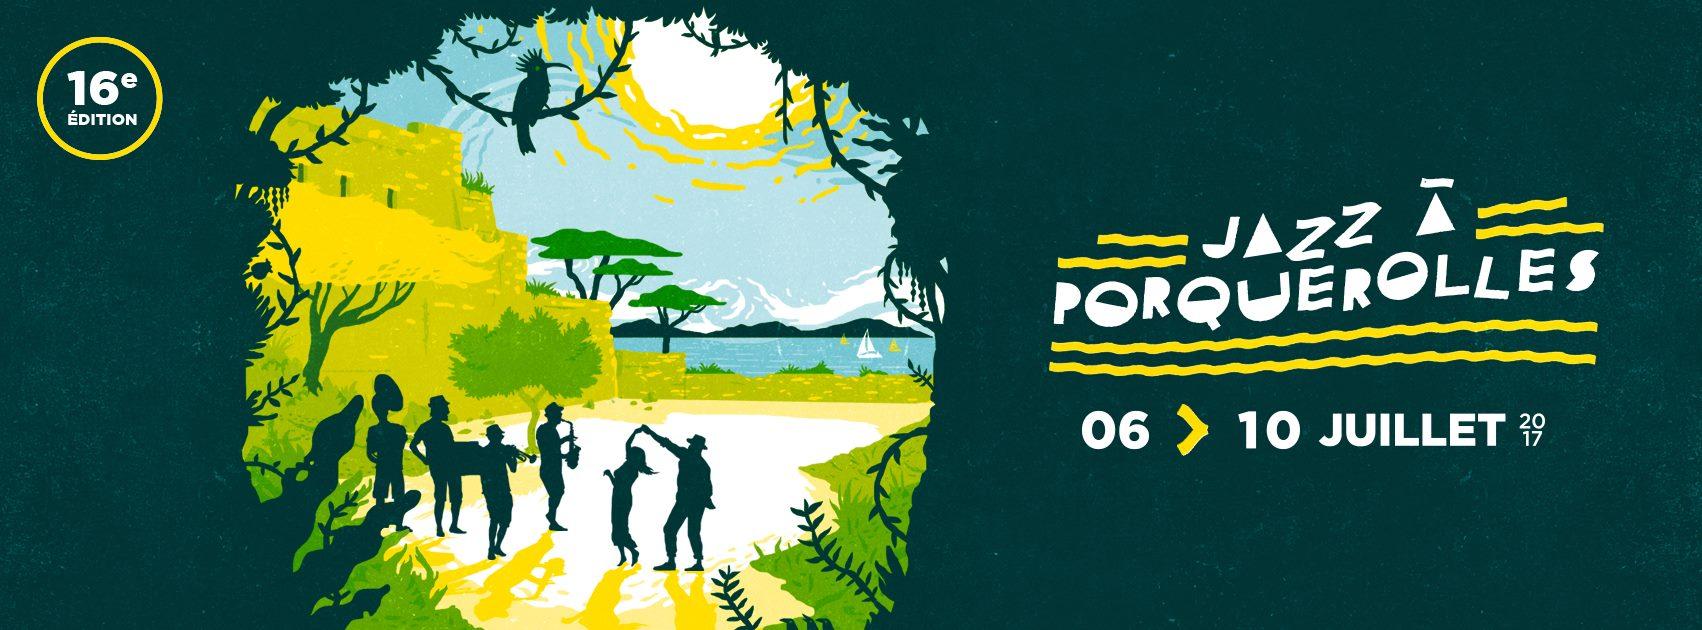 Jazz à Porquerolles 2017 - 16ème édition